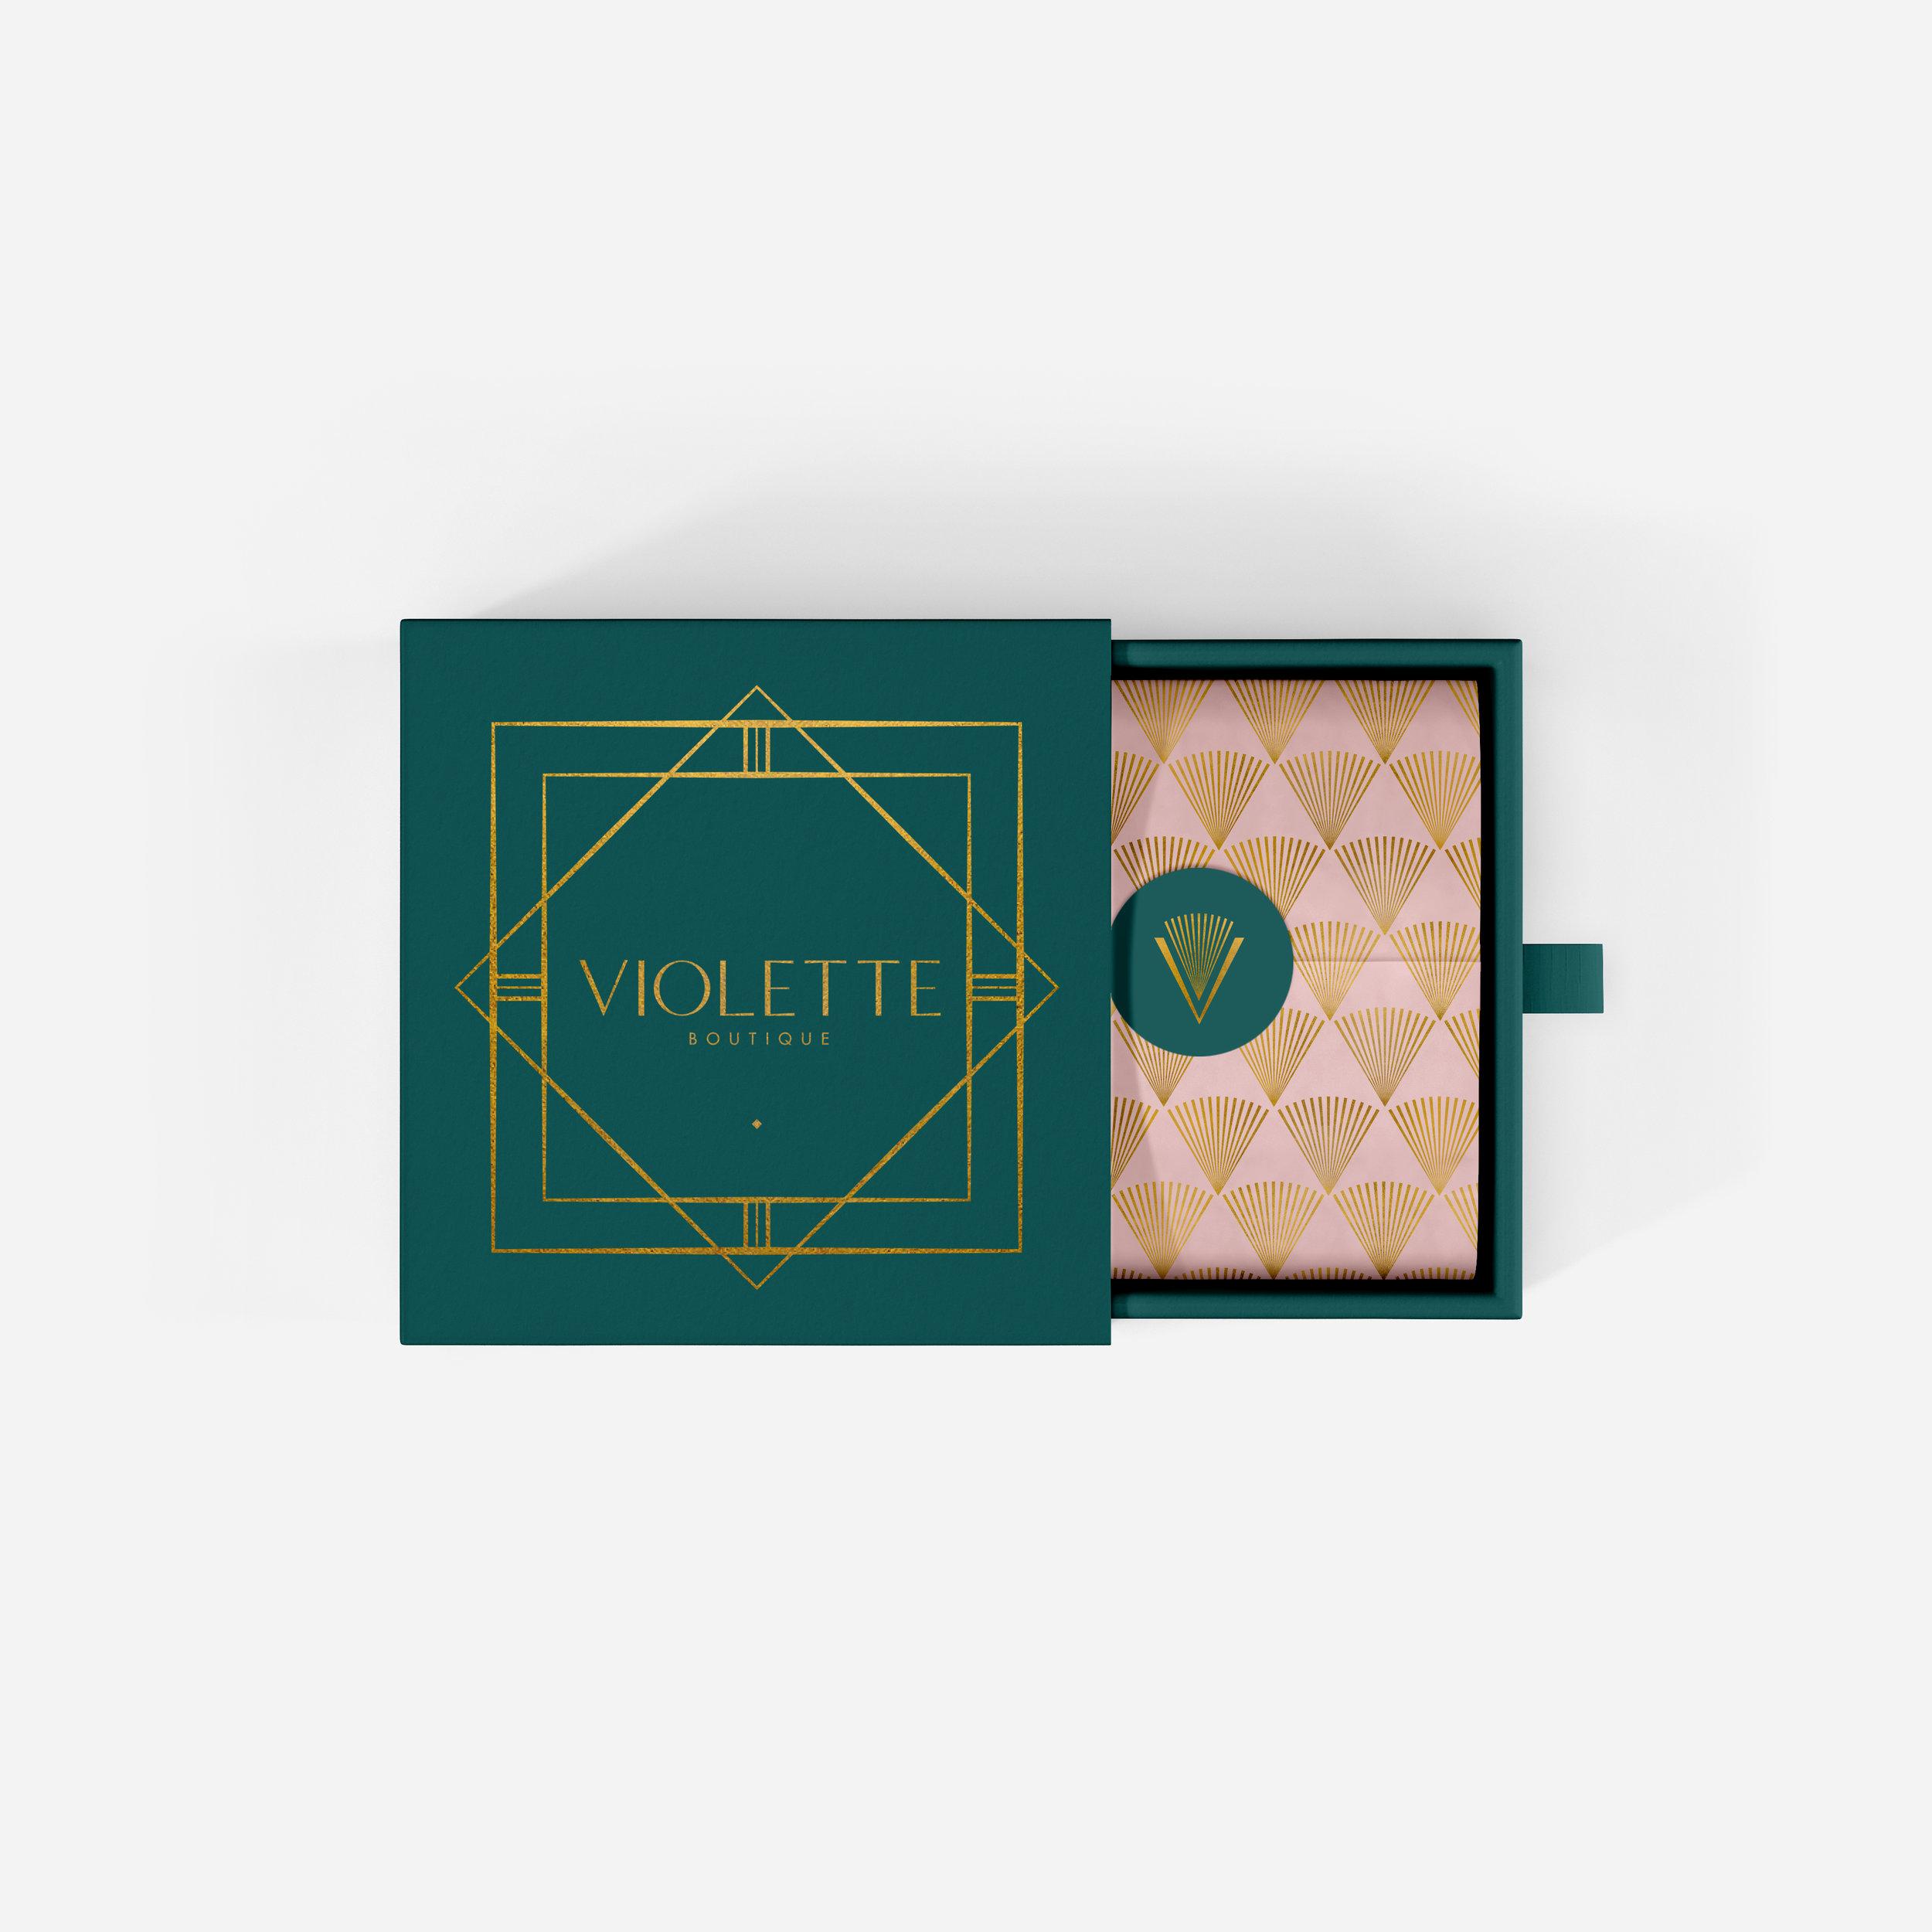 Violette Boutique:  Coming Soon